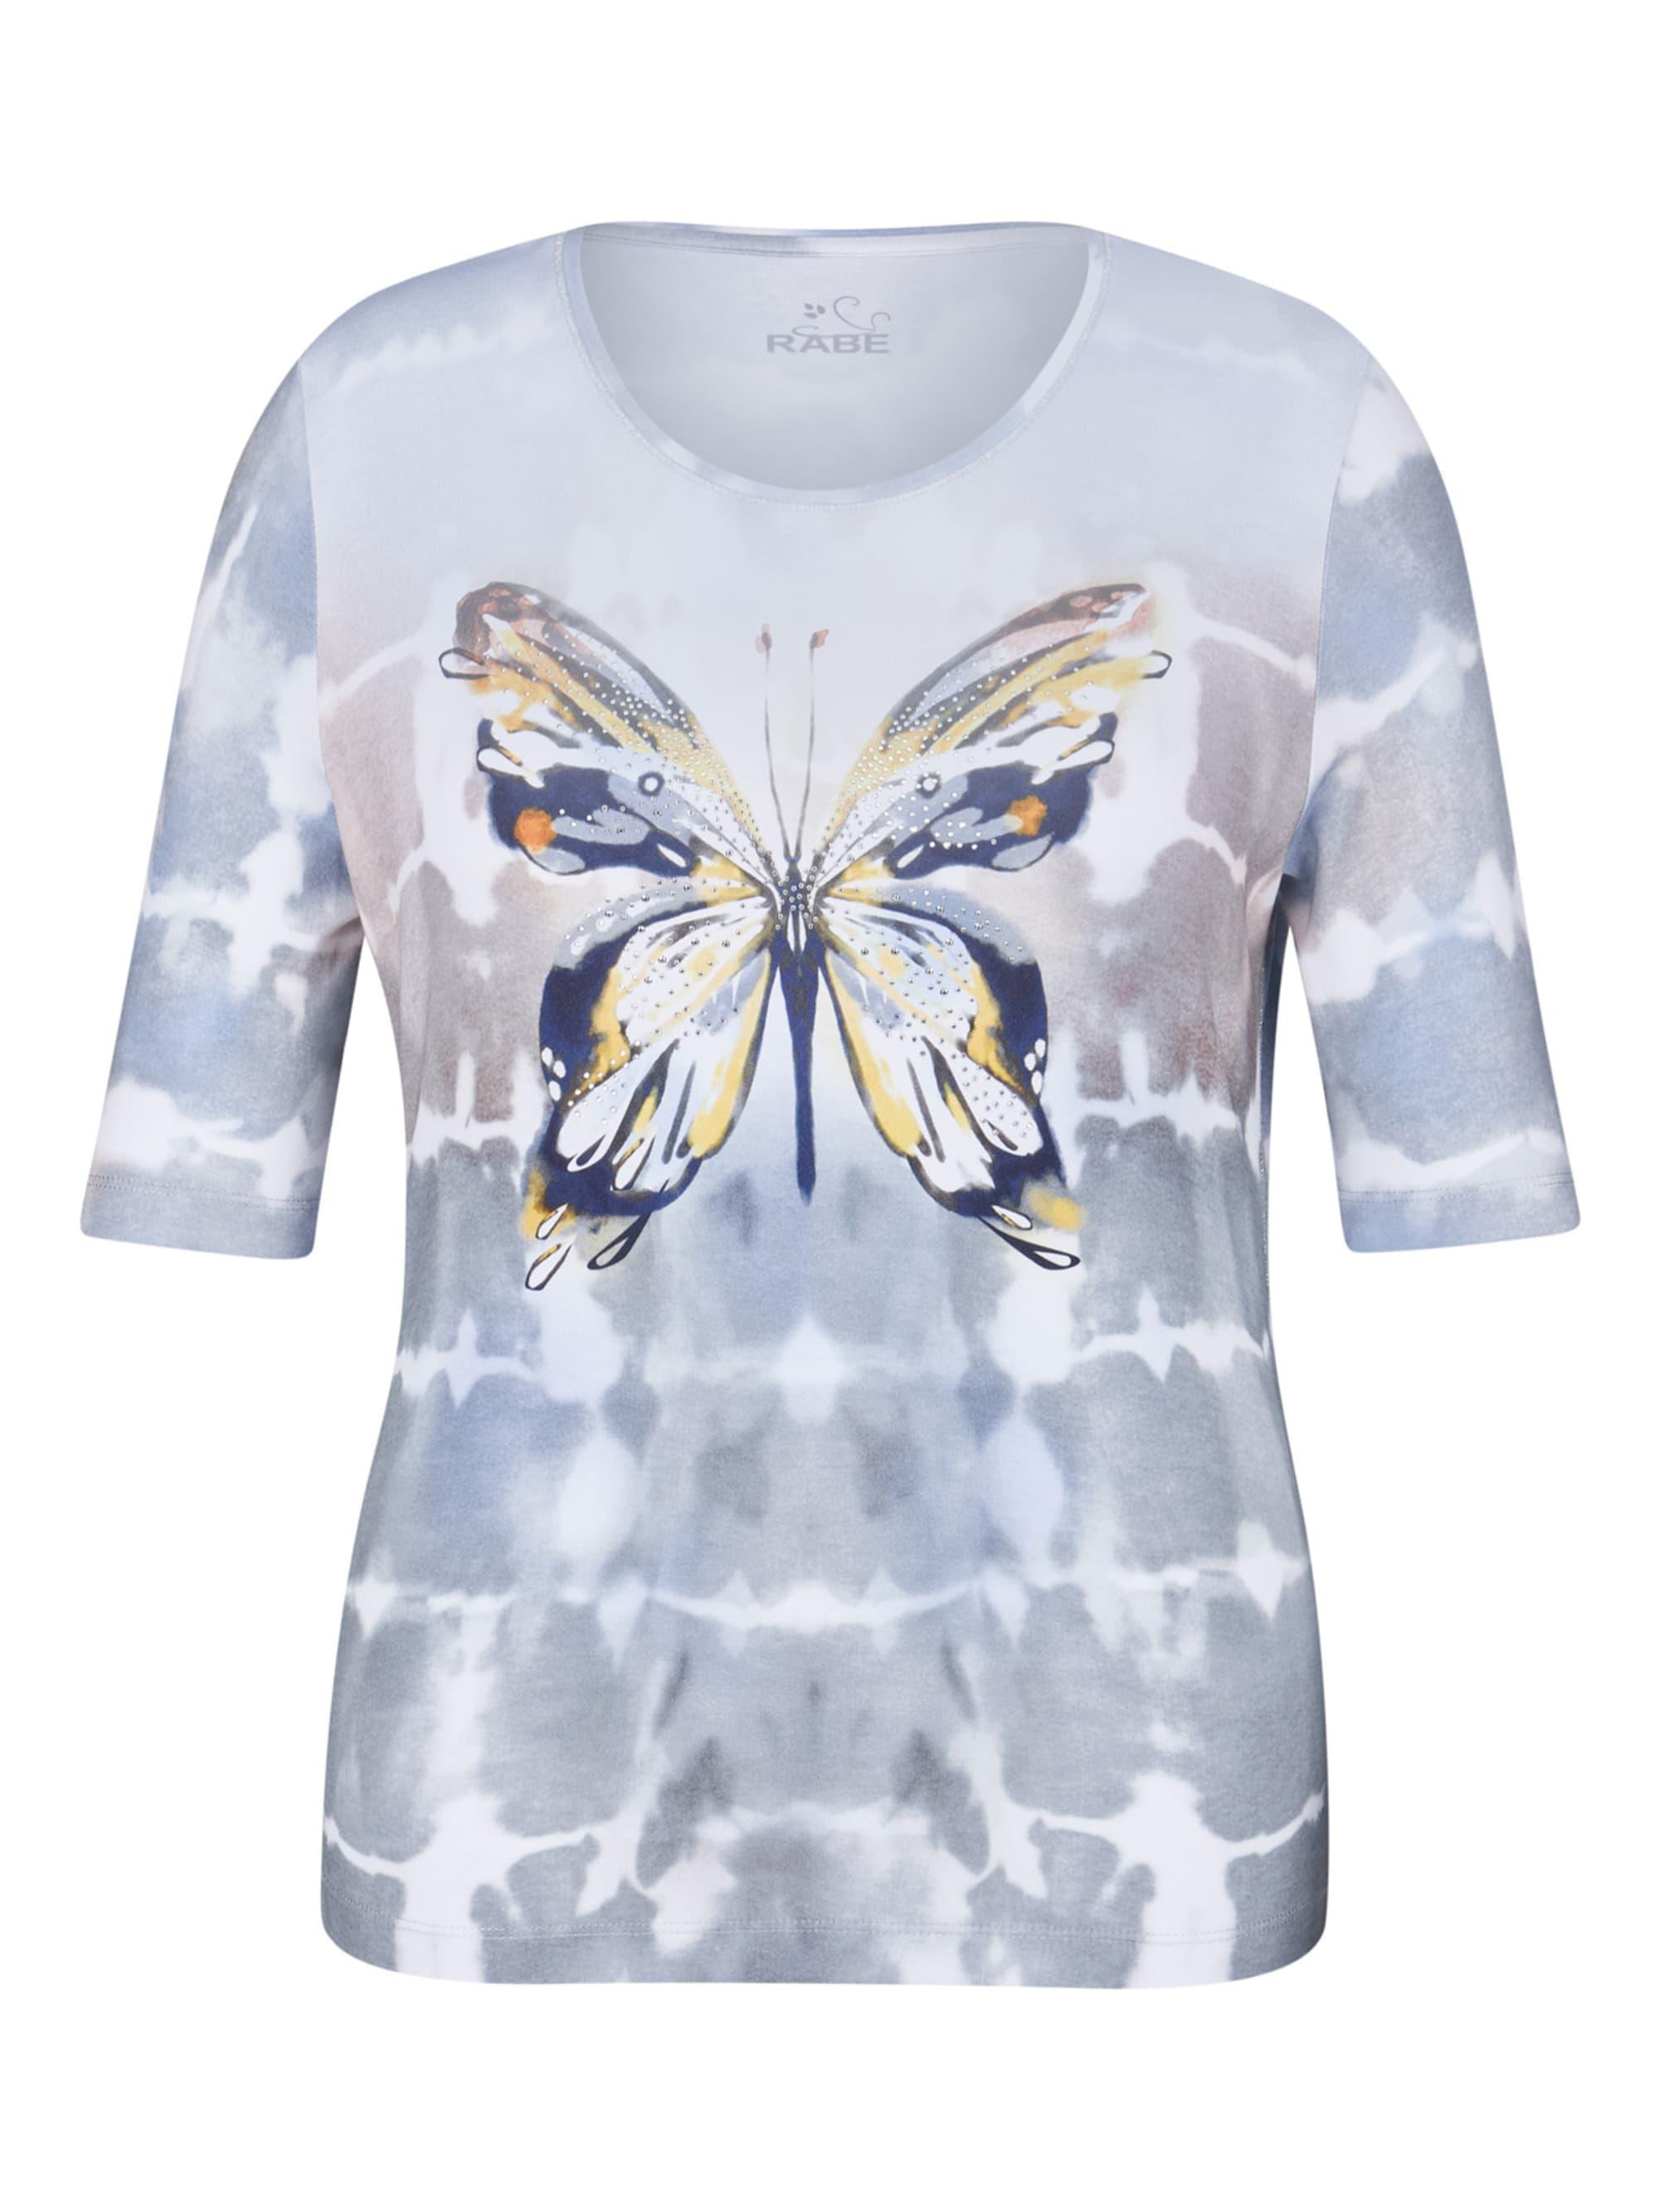 Rabe T-Shirt mit Schmetterlings-Print und Zierperlen lPEbp mqiI2